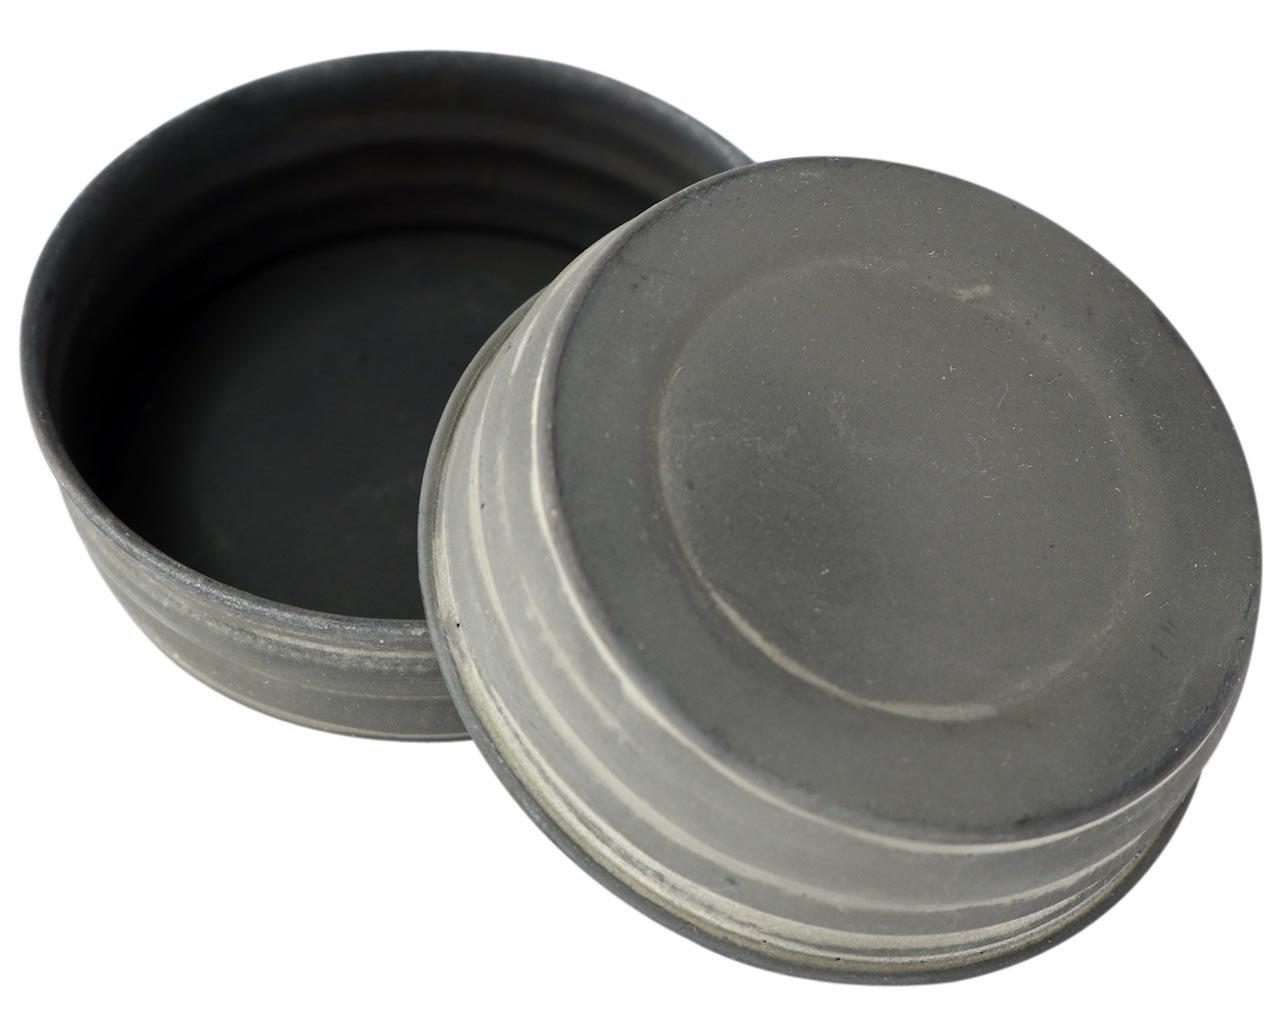 Antique Zinc Vintage Reproduction Mason Jar Lids (4 Pack, Regular Mouth)